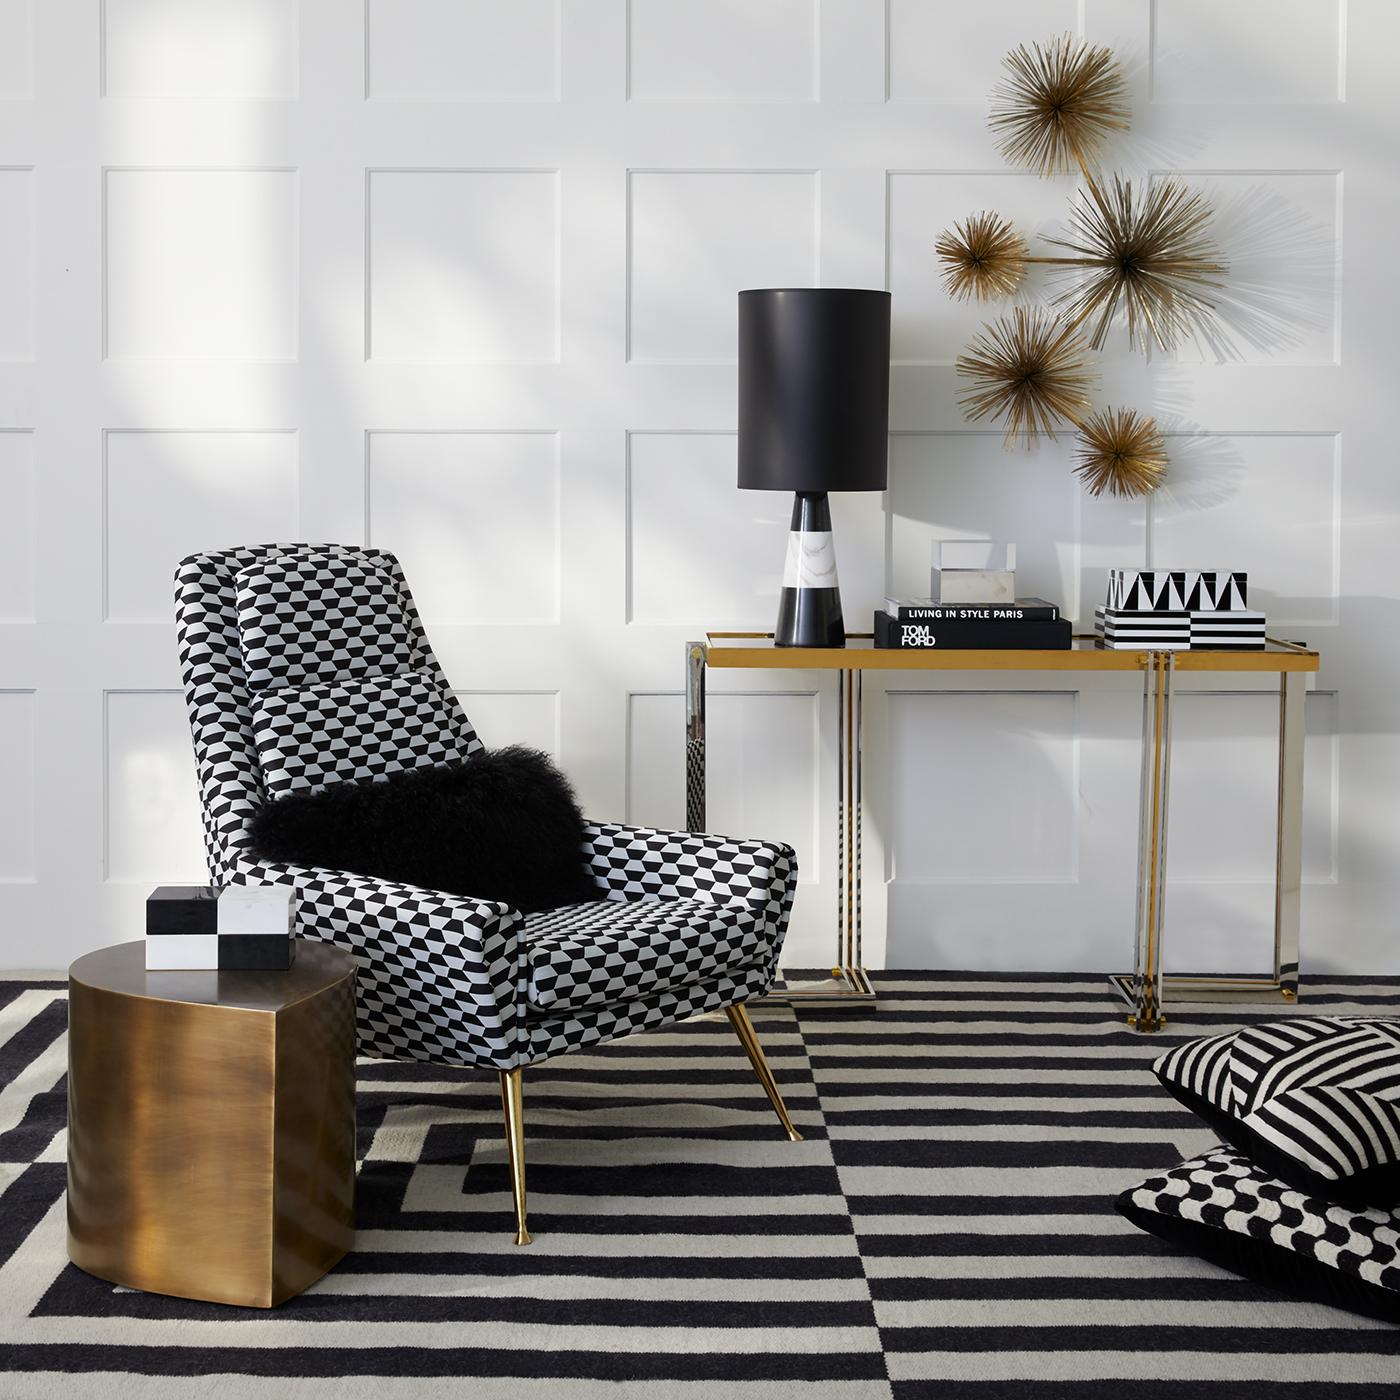 jonathan adler Jonathan Adler: Modern Chairs in a Mid-Century Modern Style Jonathan Adler Modern Chairs in a Mid Century Modern Style 2